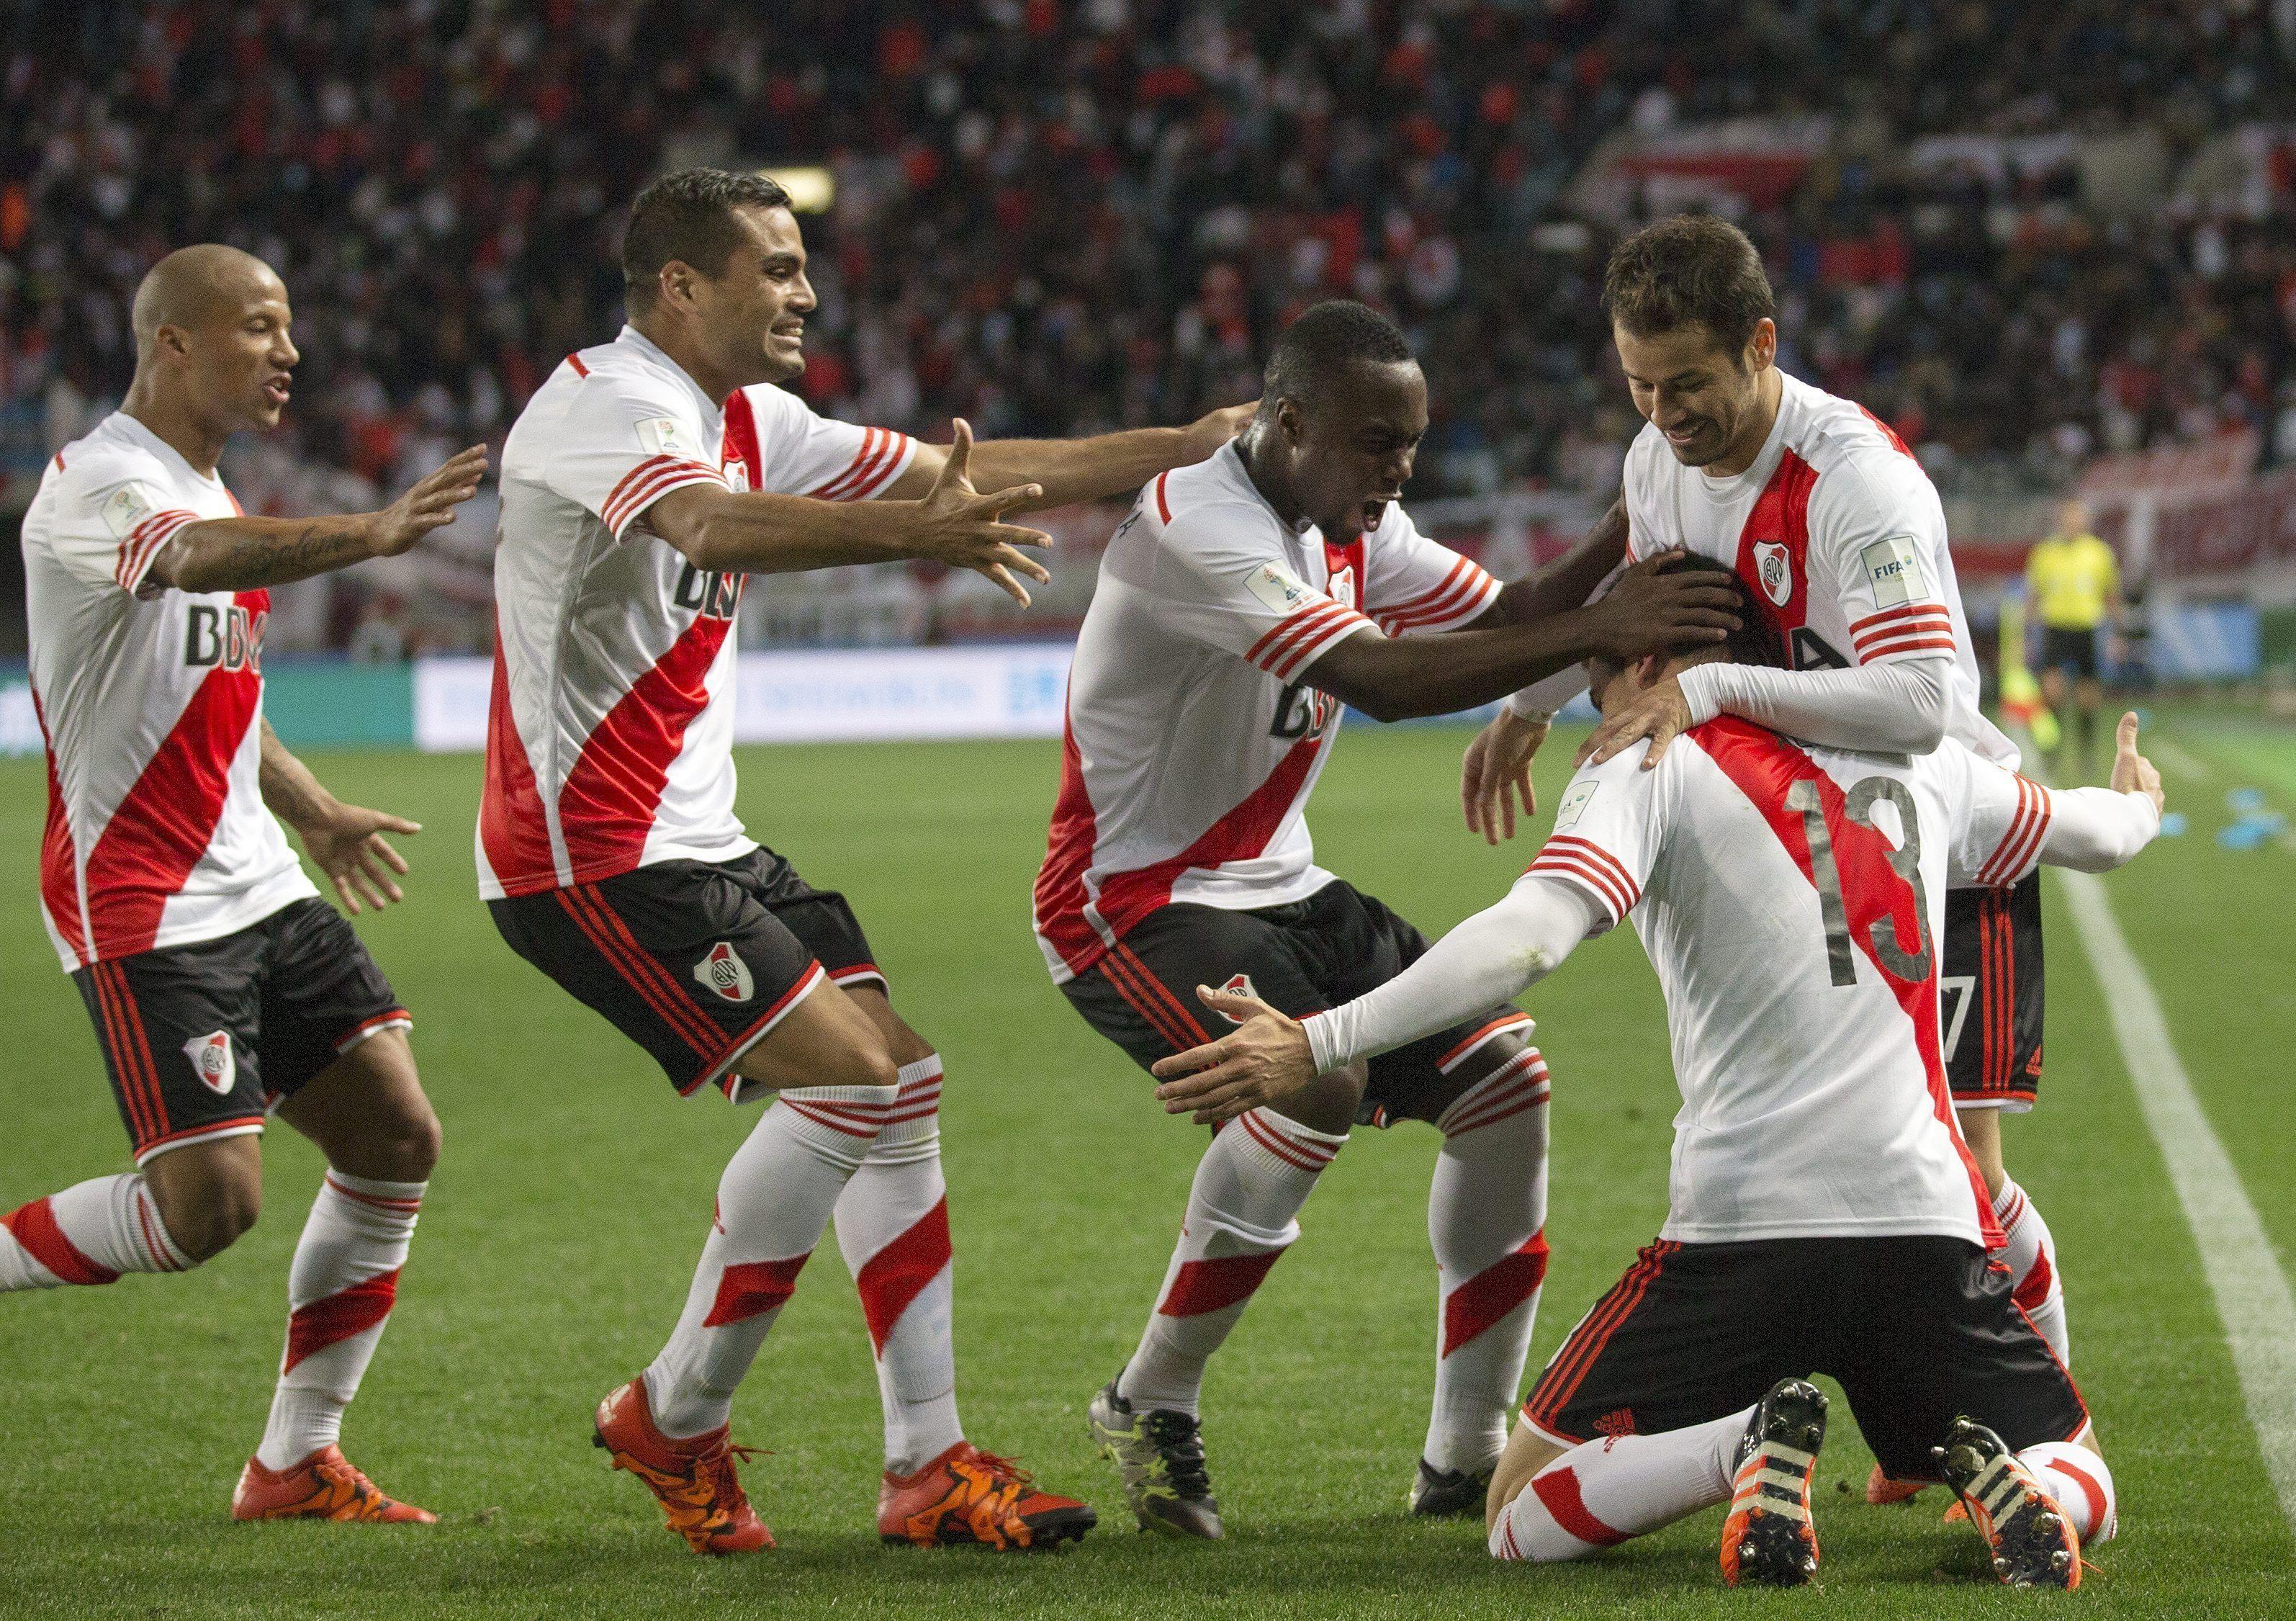 Salió el ranking de clubes: River, el mejor equipo argentino